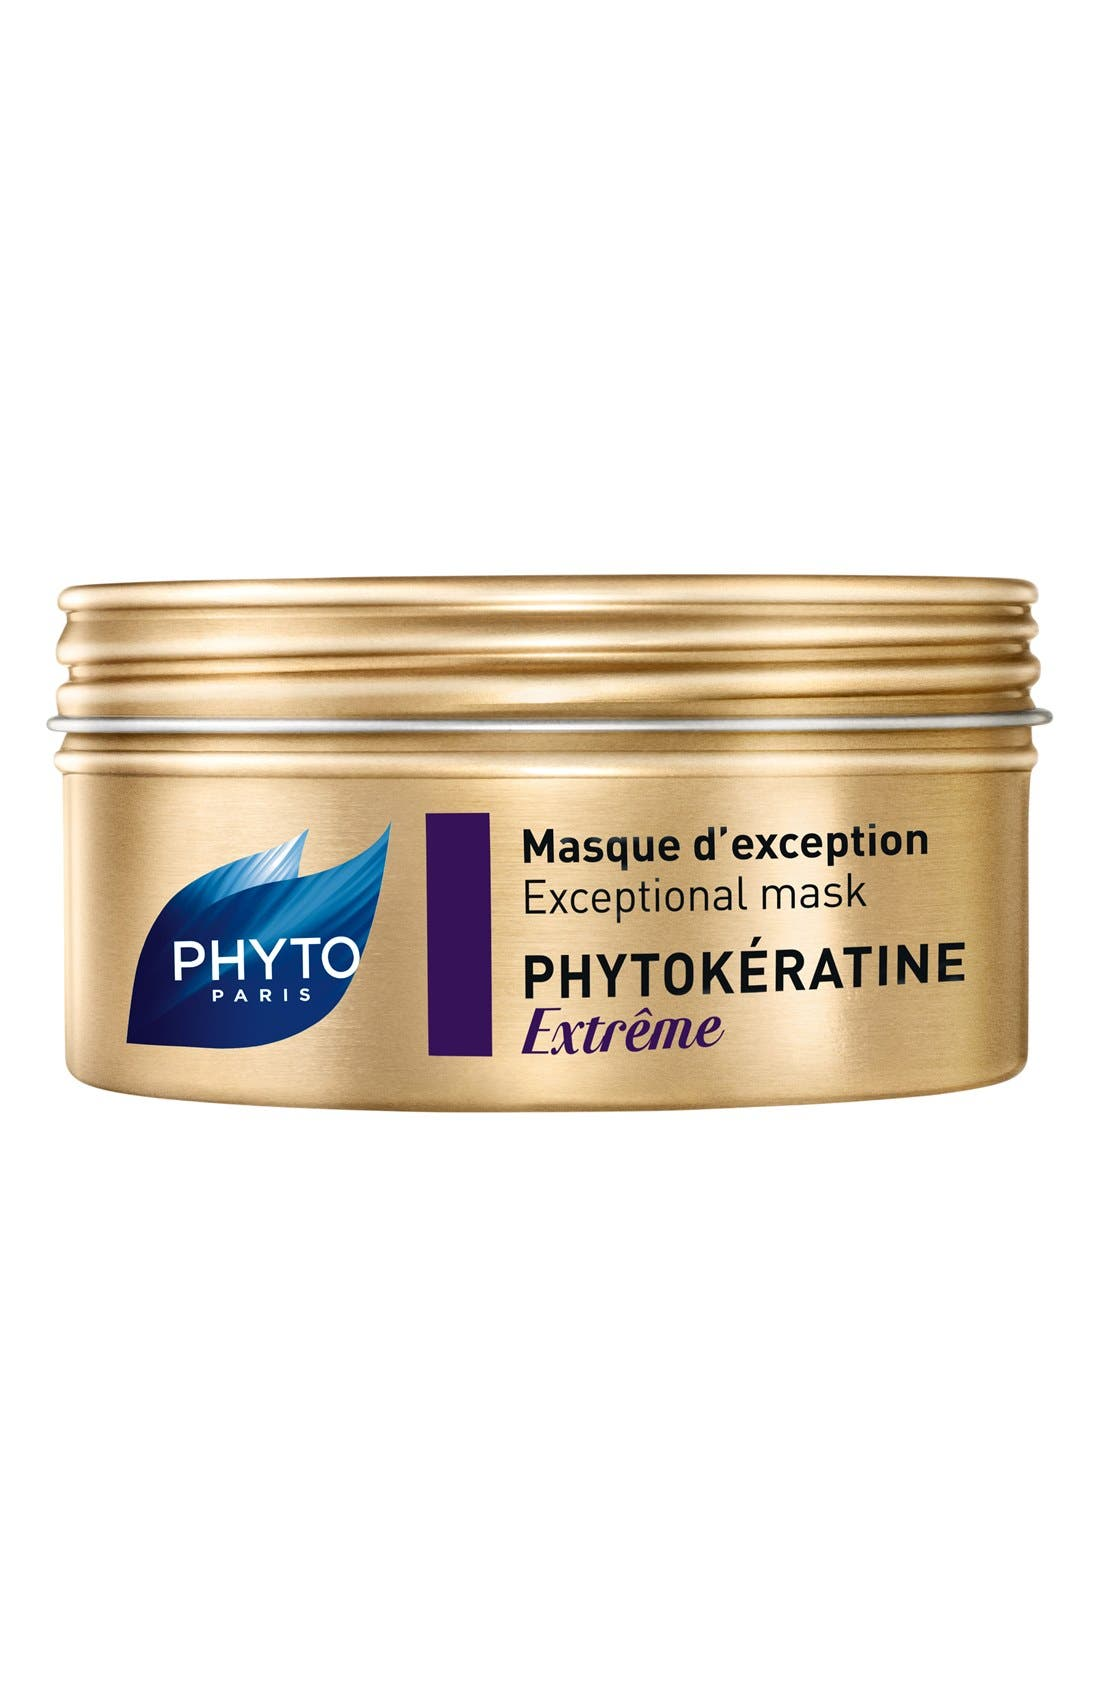 PHYTO Phytokératine Extrême Exceptional Mask